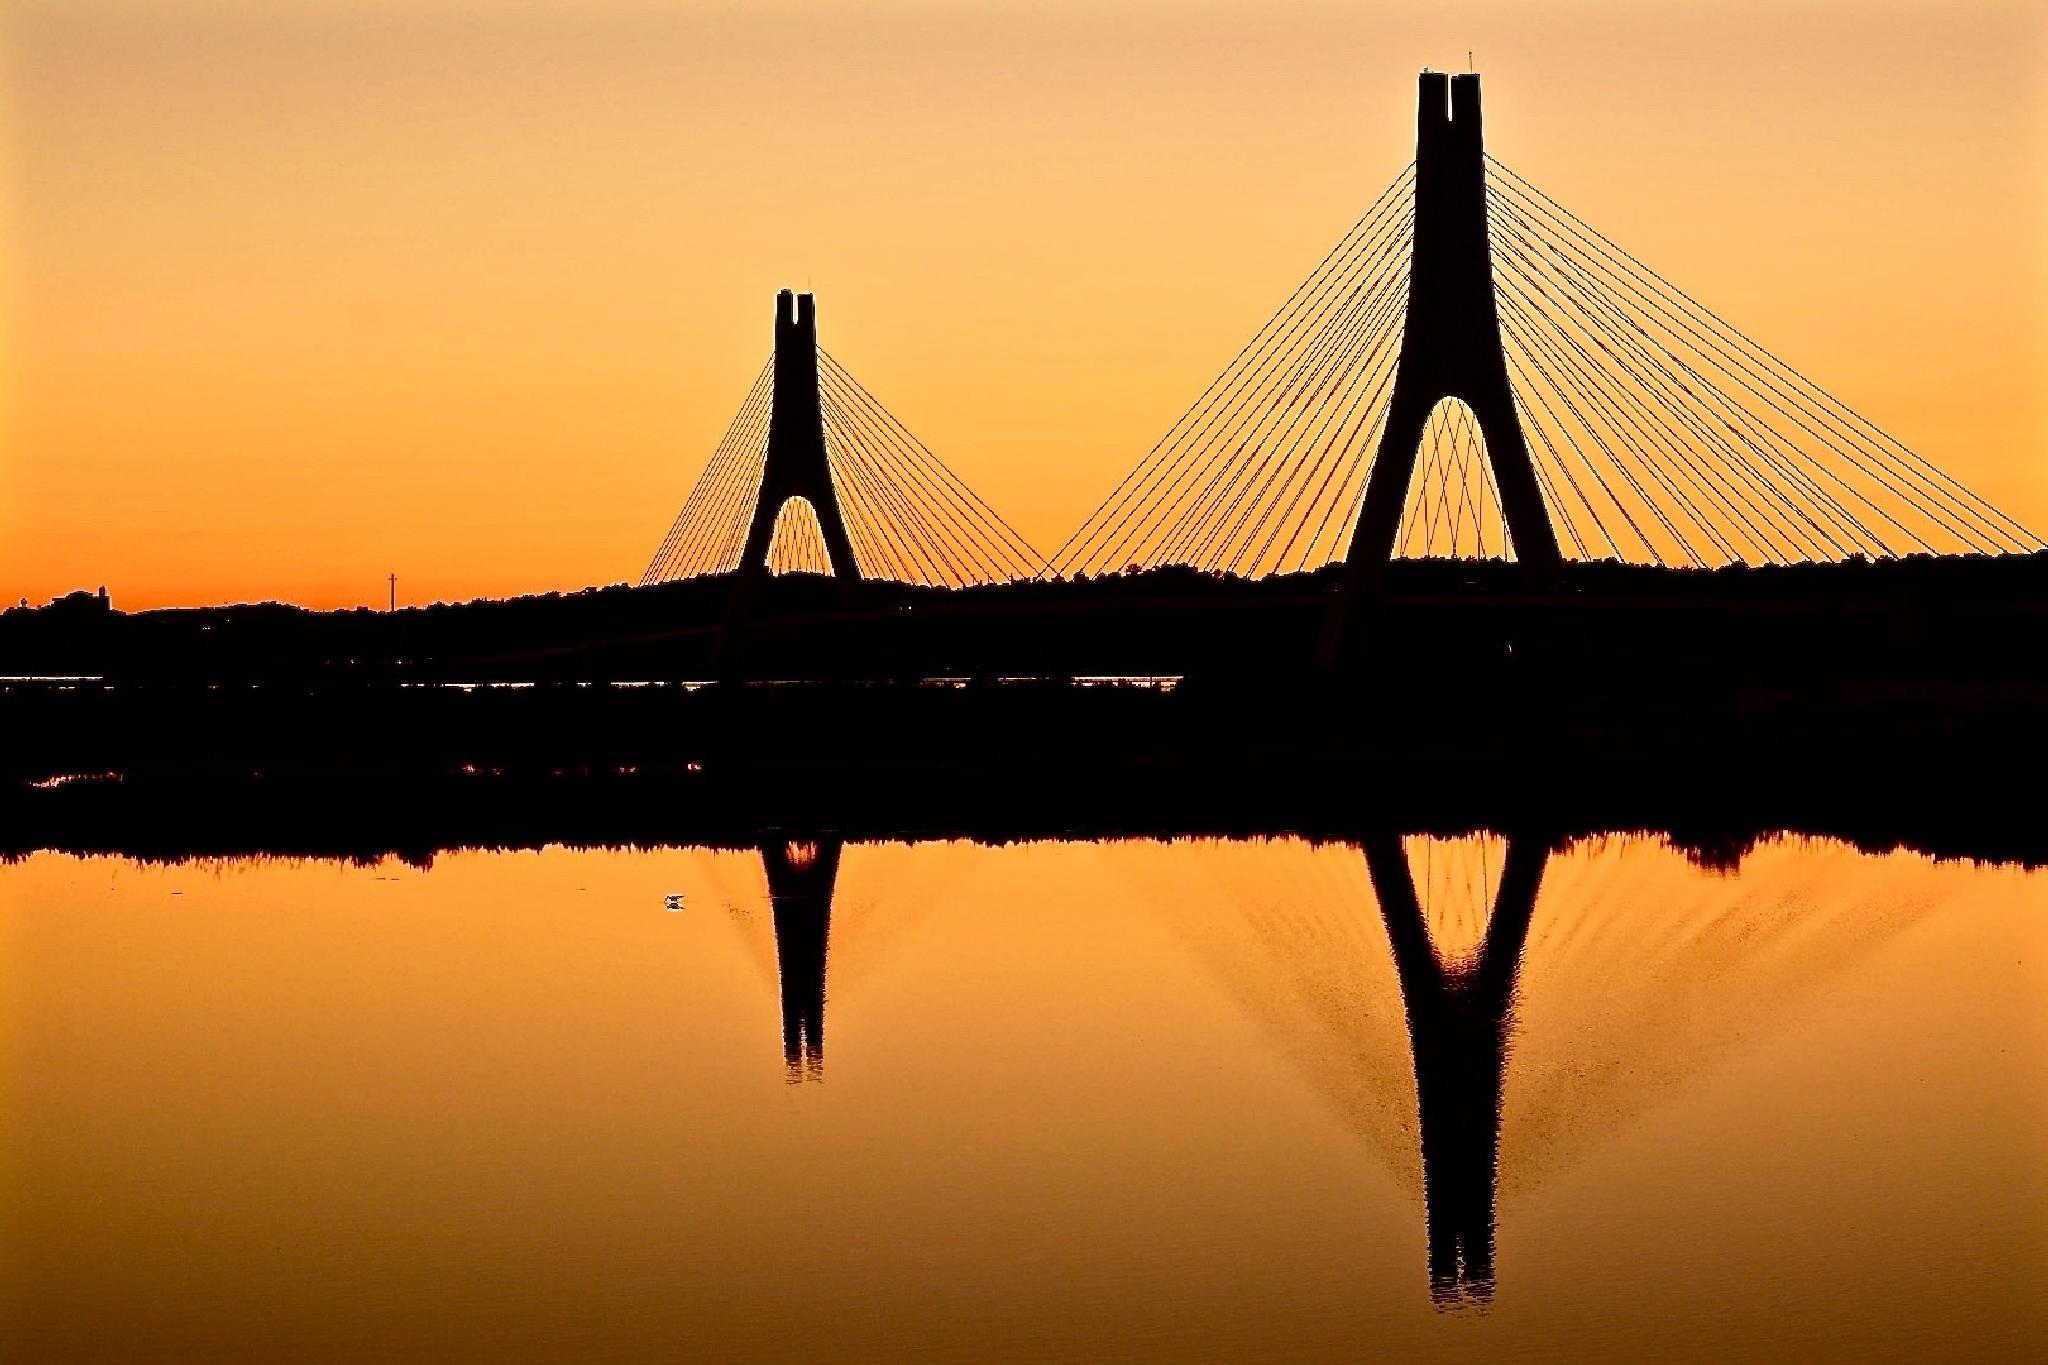 Bridge Portimao by toinelenssen